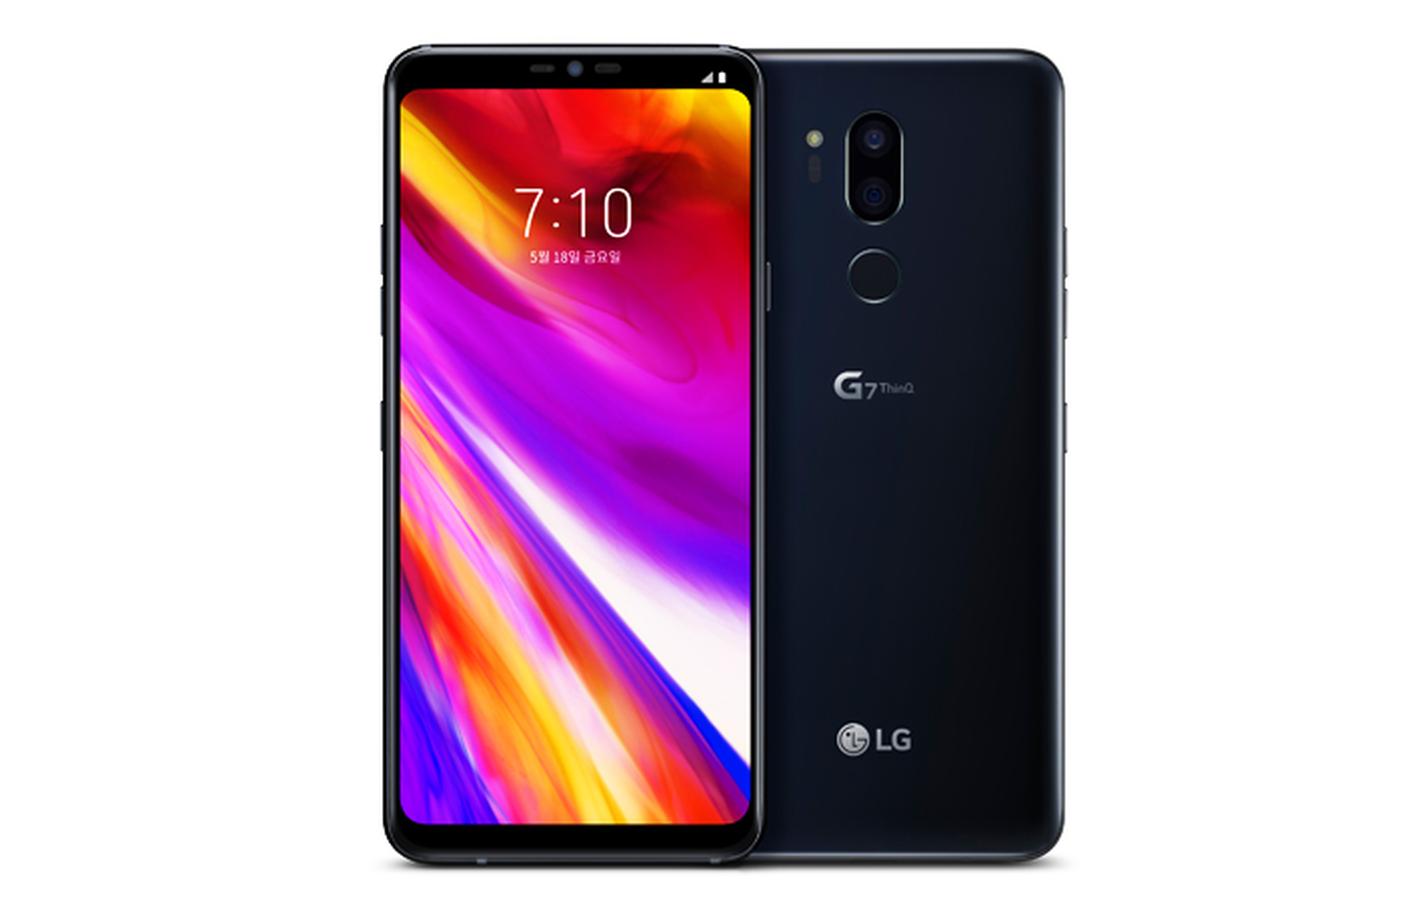 LG G7 ThinQ gets Pie beta